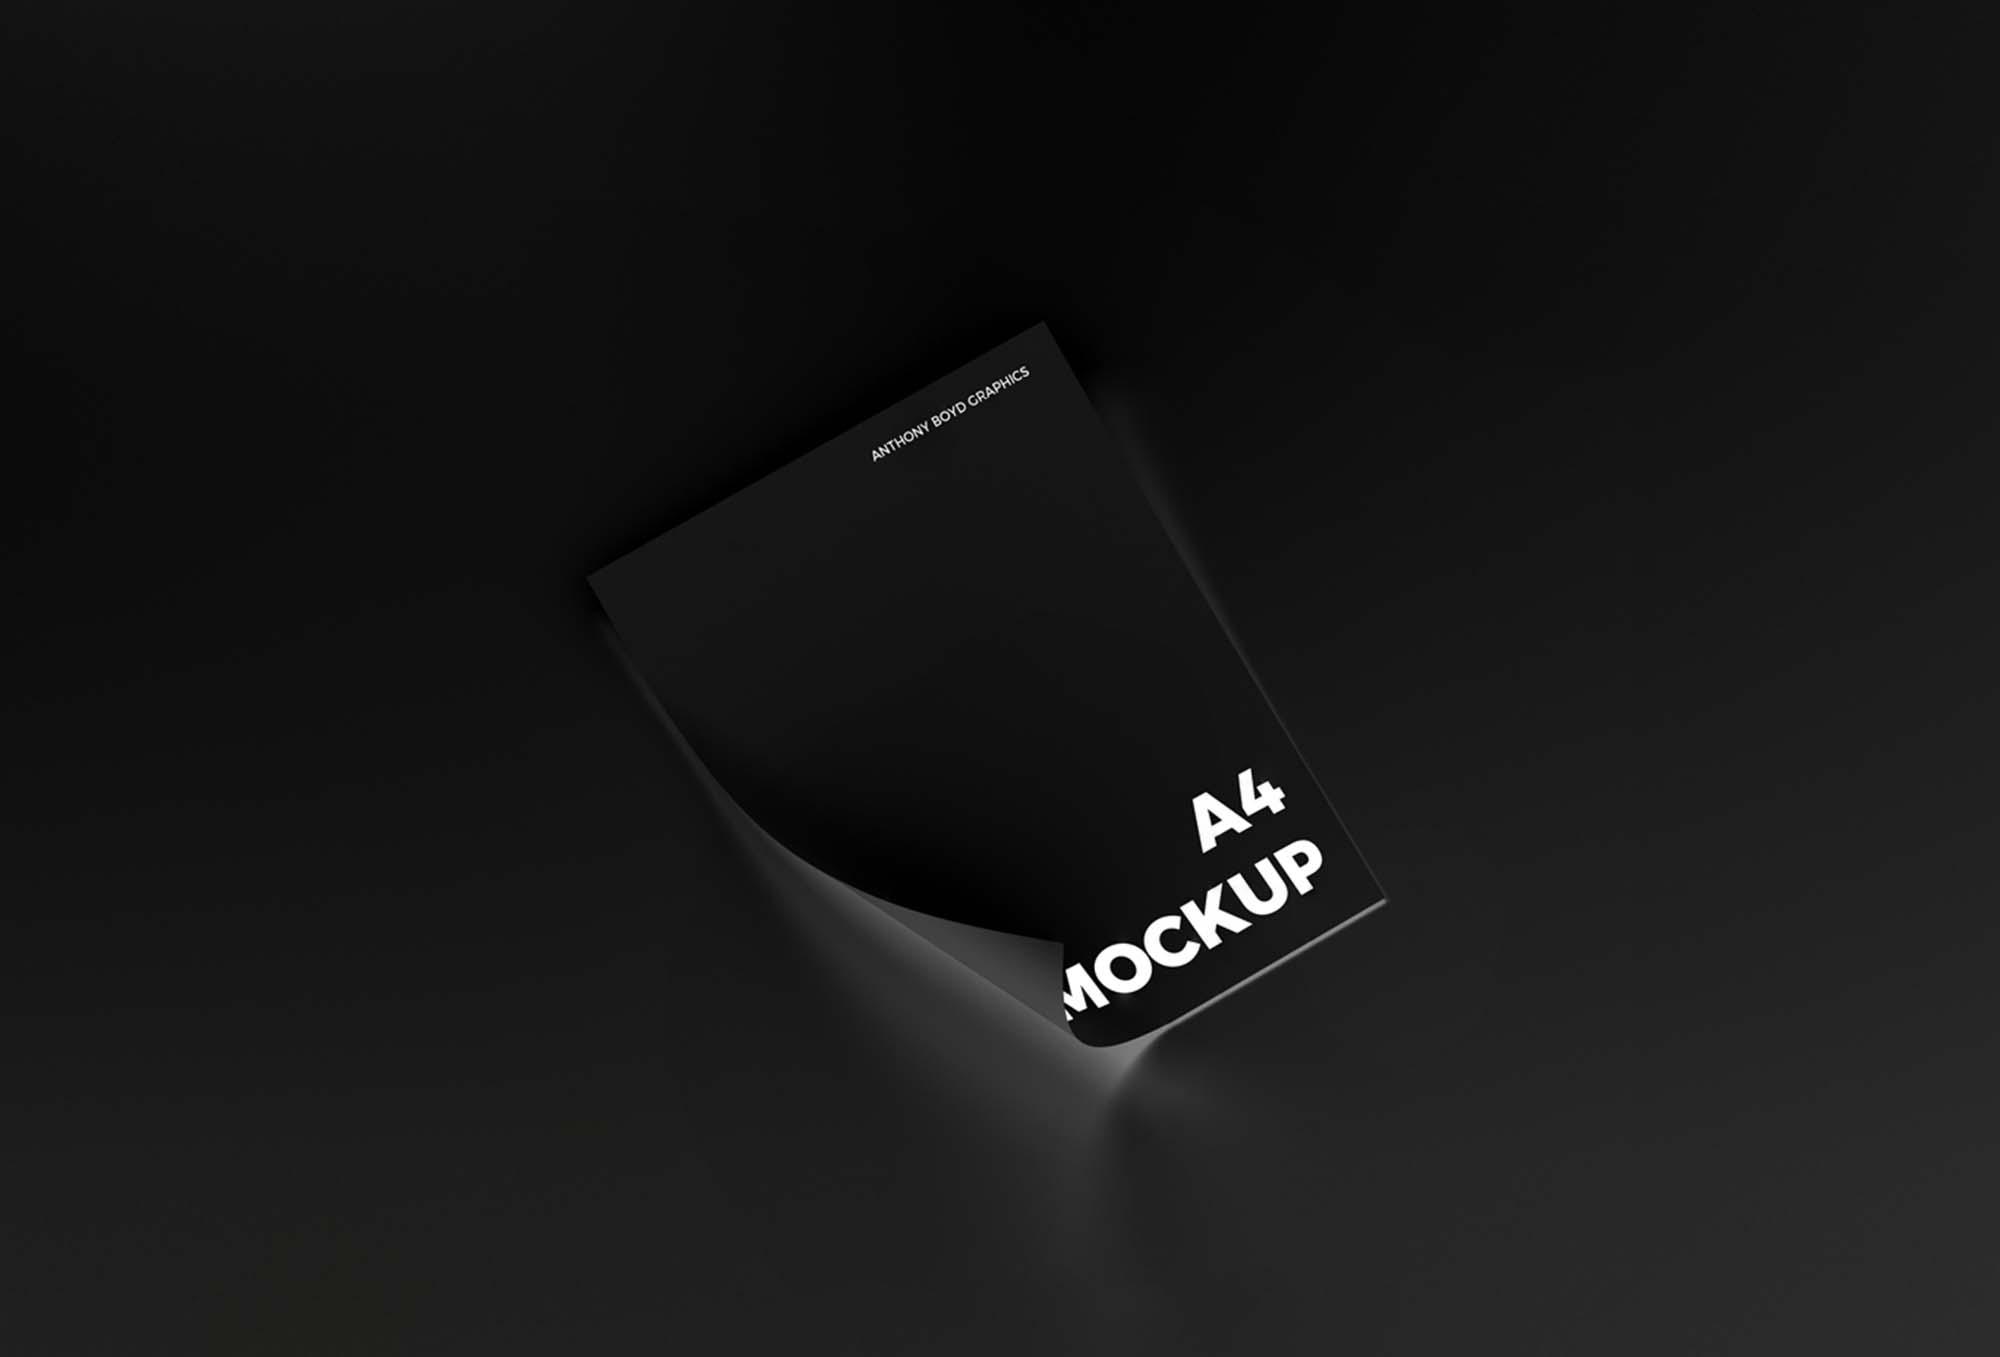 Curled Paper Mockup Black